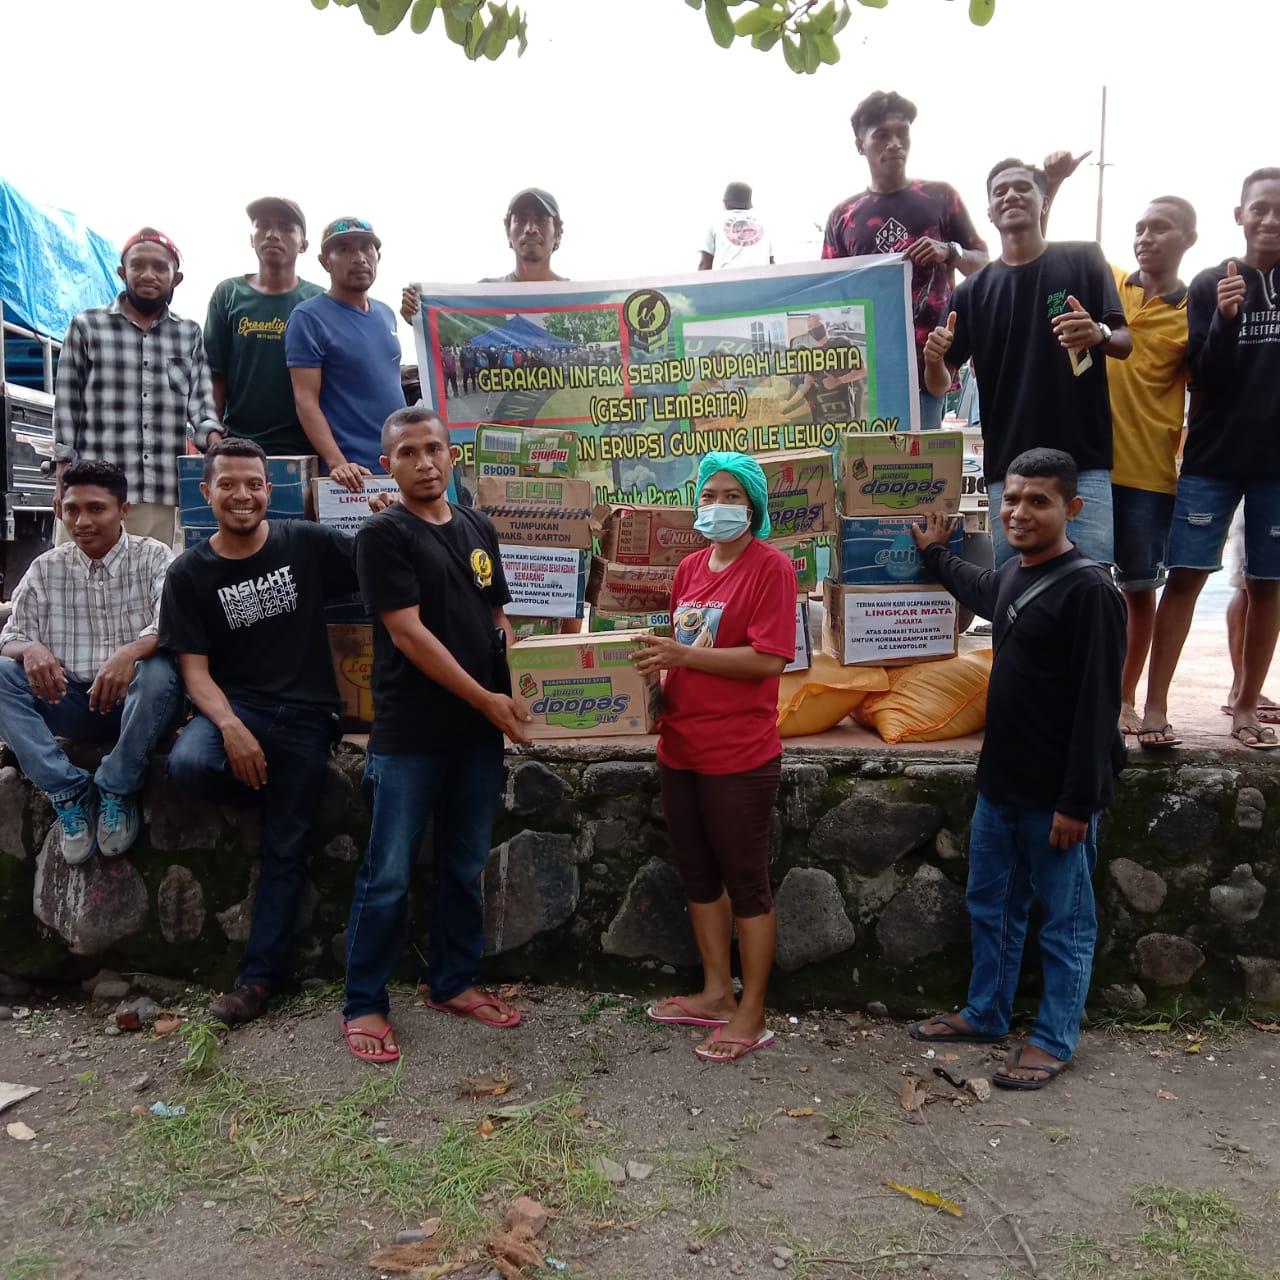 Gerakan Infak Seribu Rupiah (Gesit) Lembata, Kembali Salurkan Bantuan Kemanusiaan